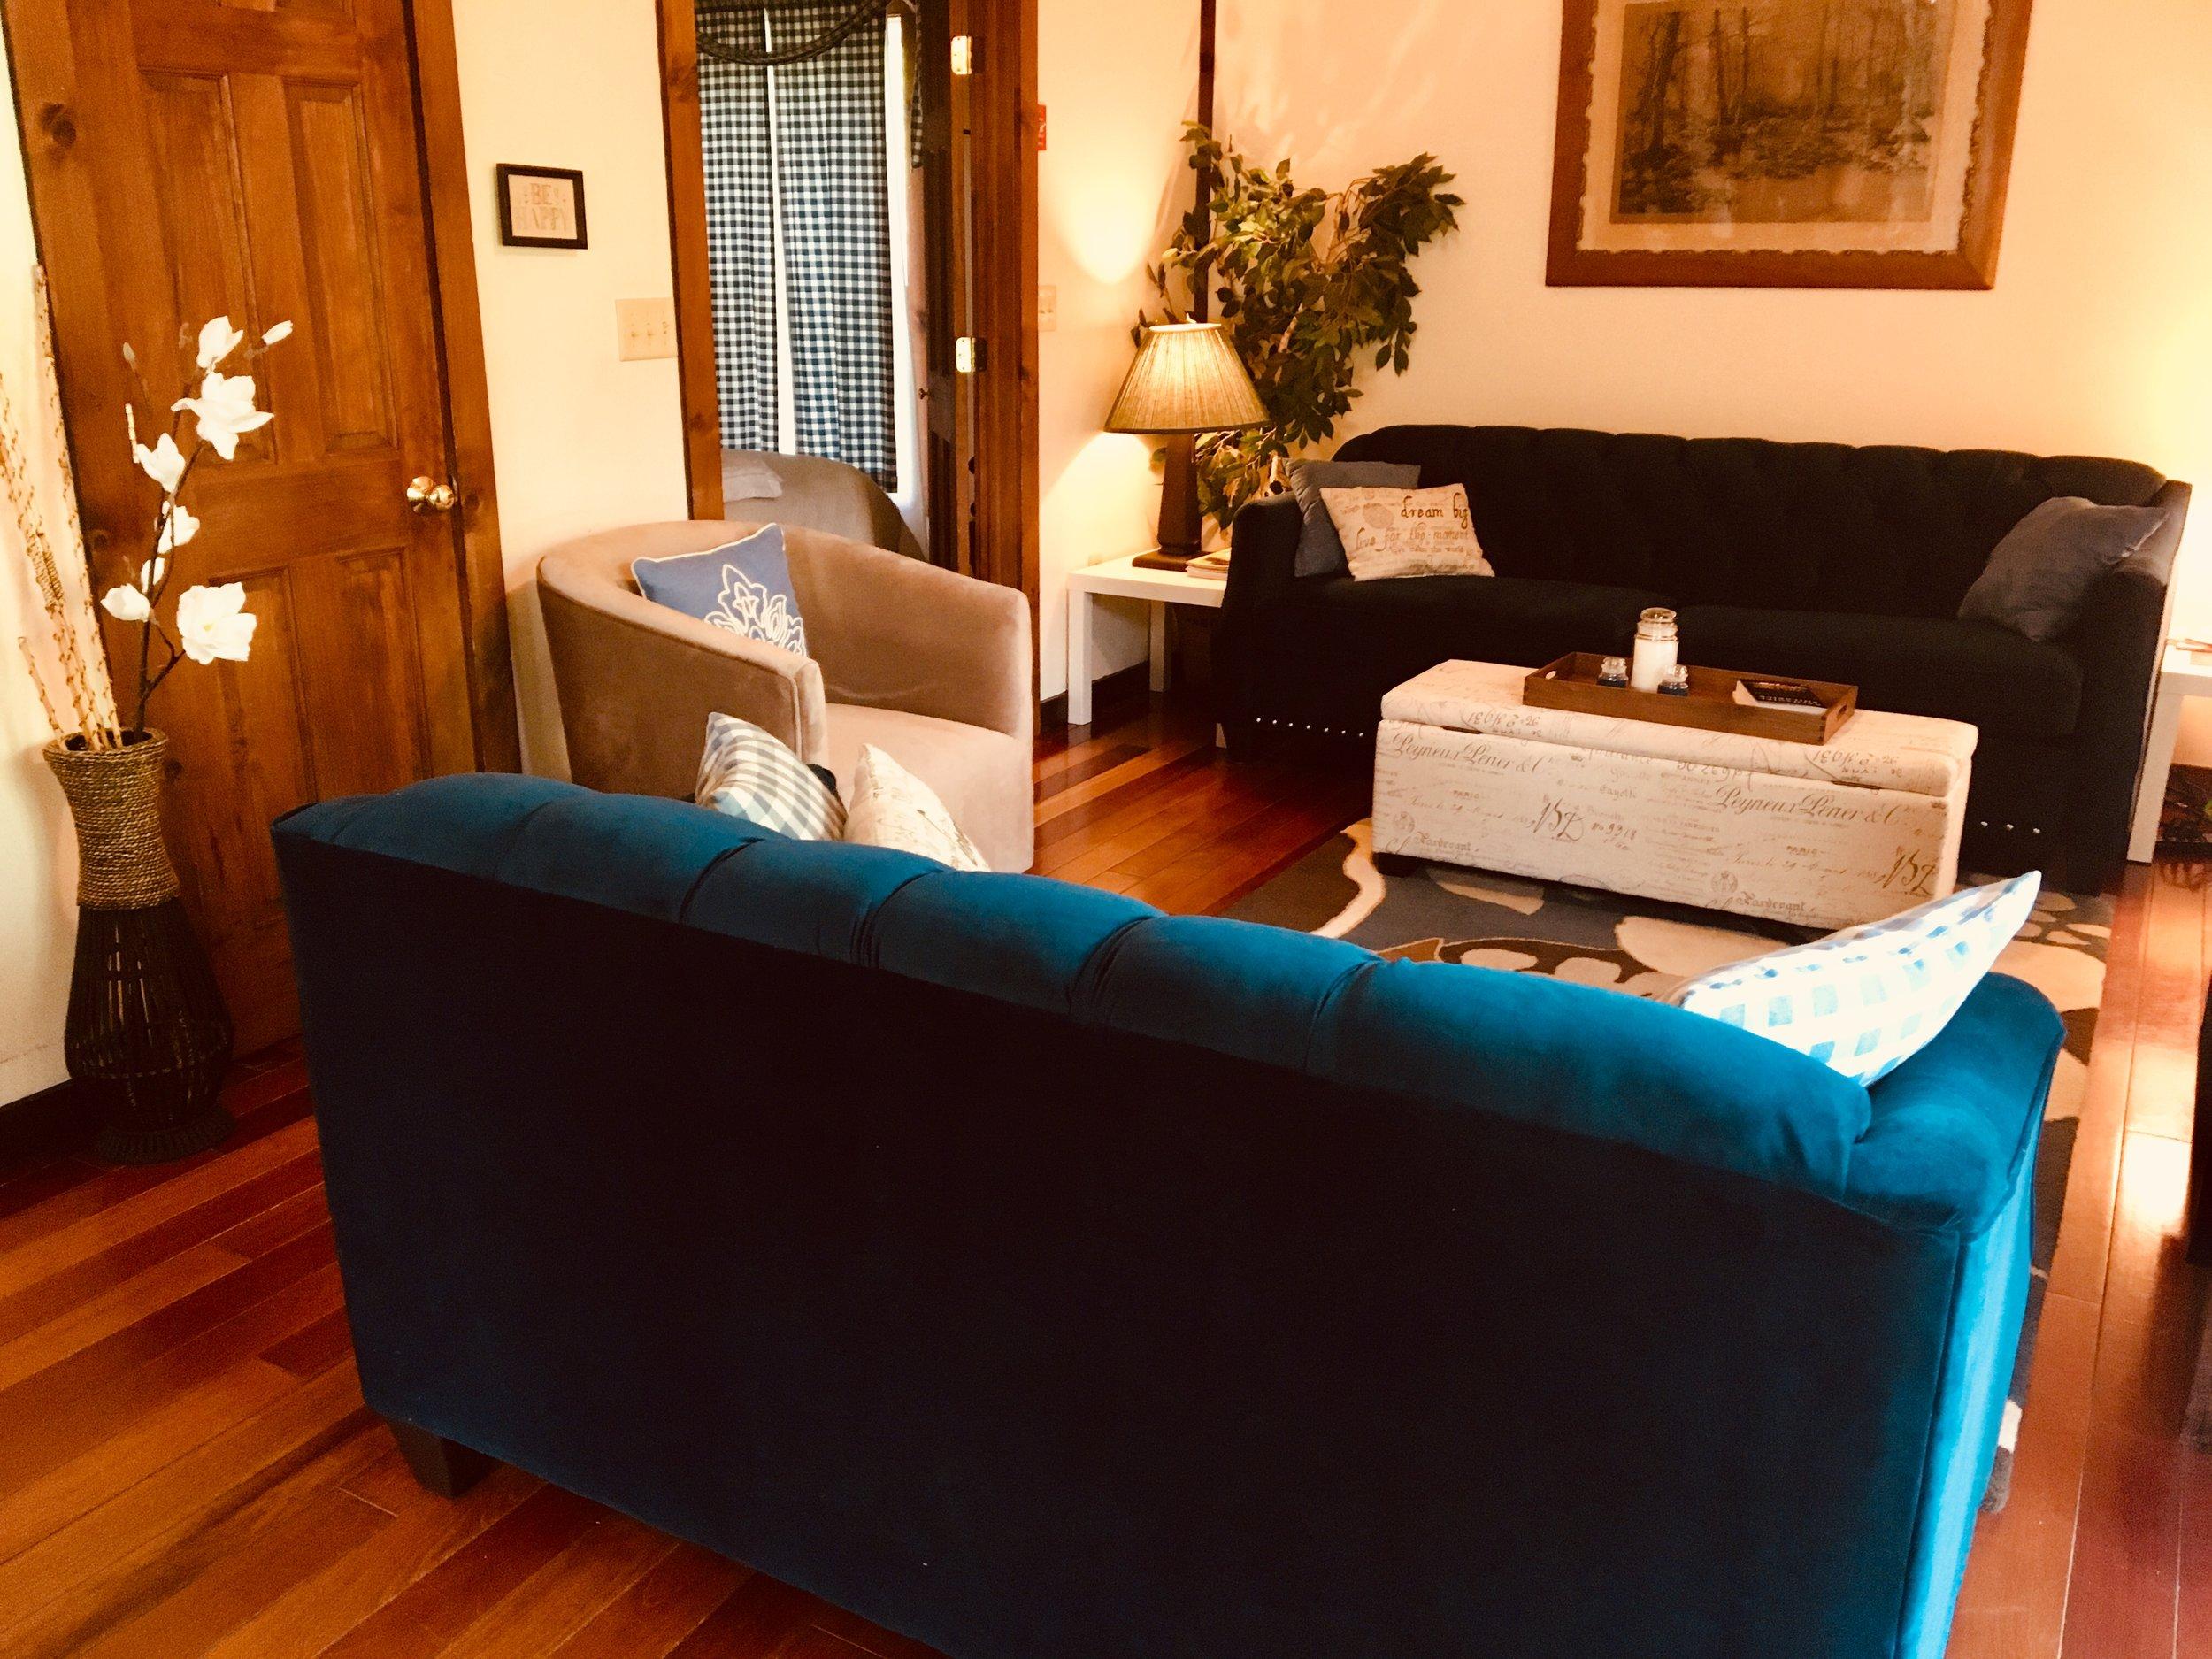 Lingerhere new sofa.jpg